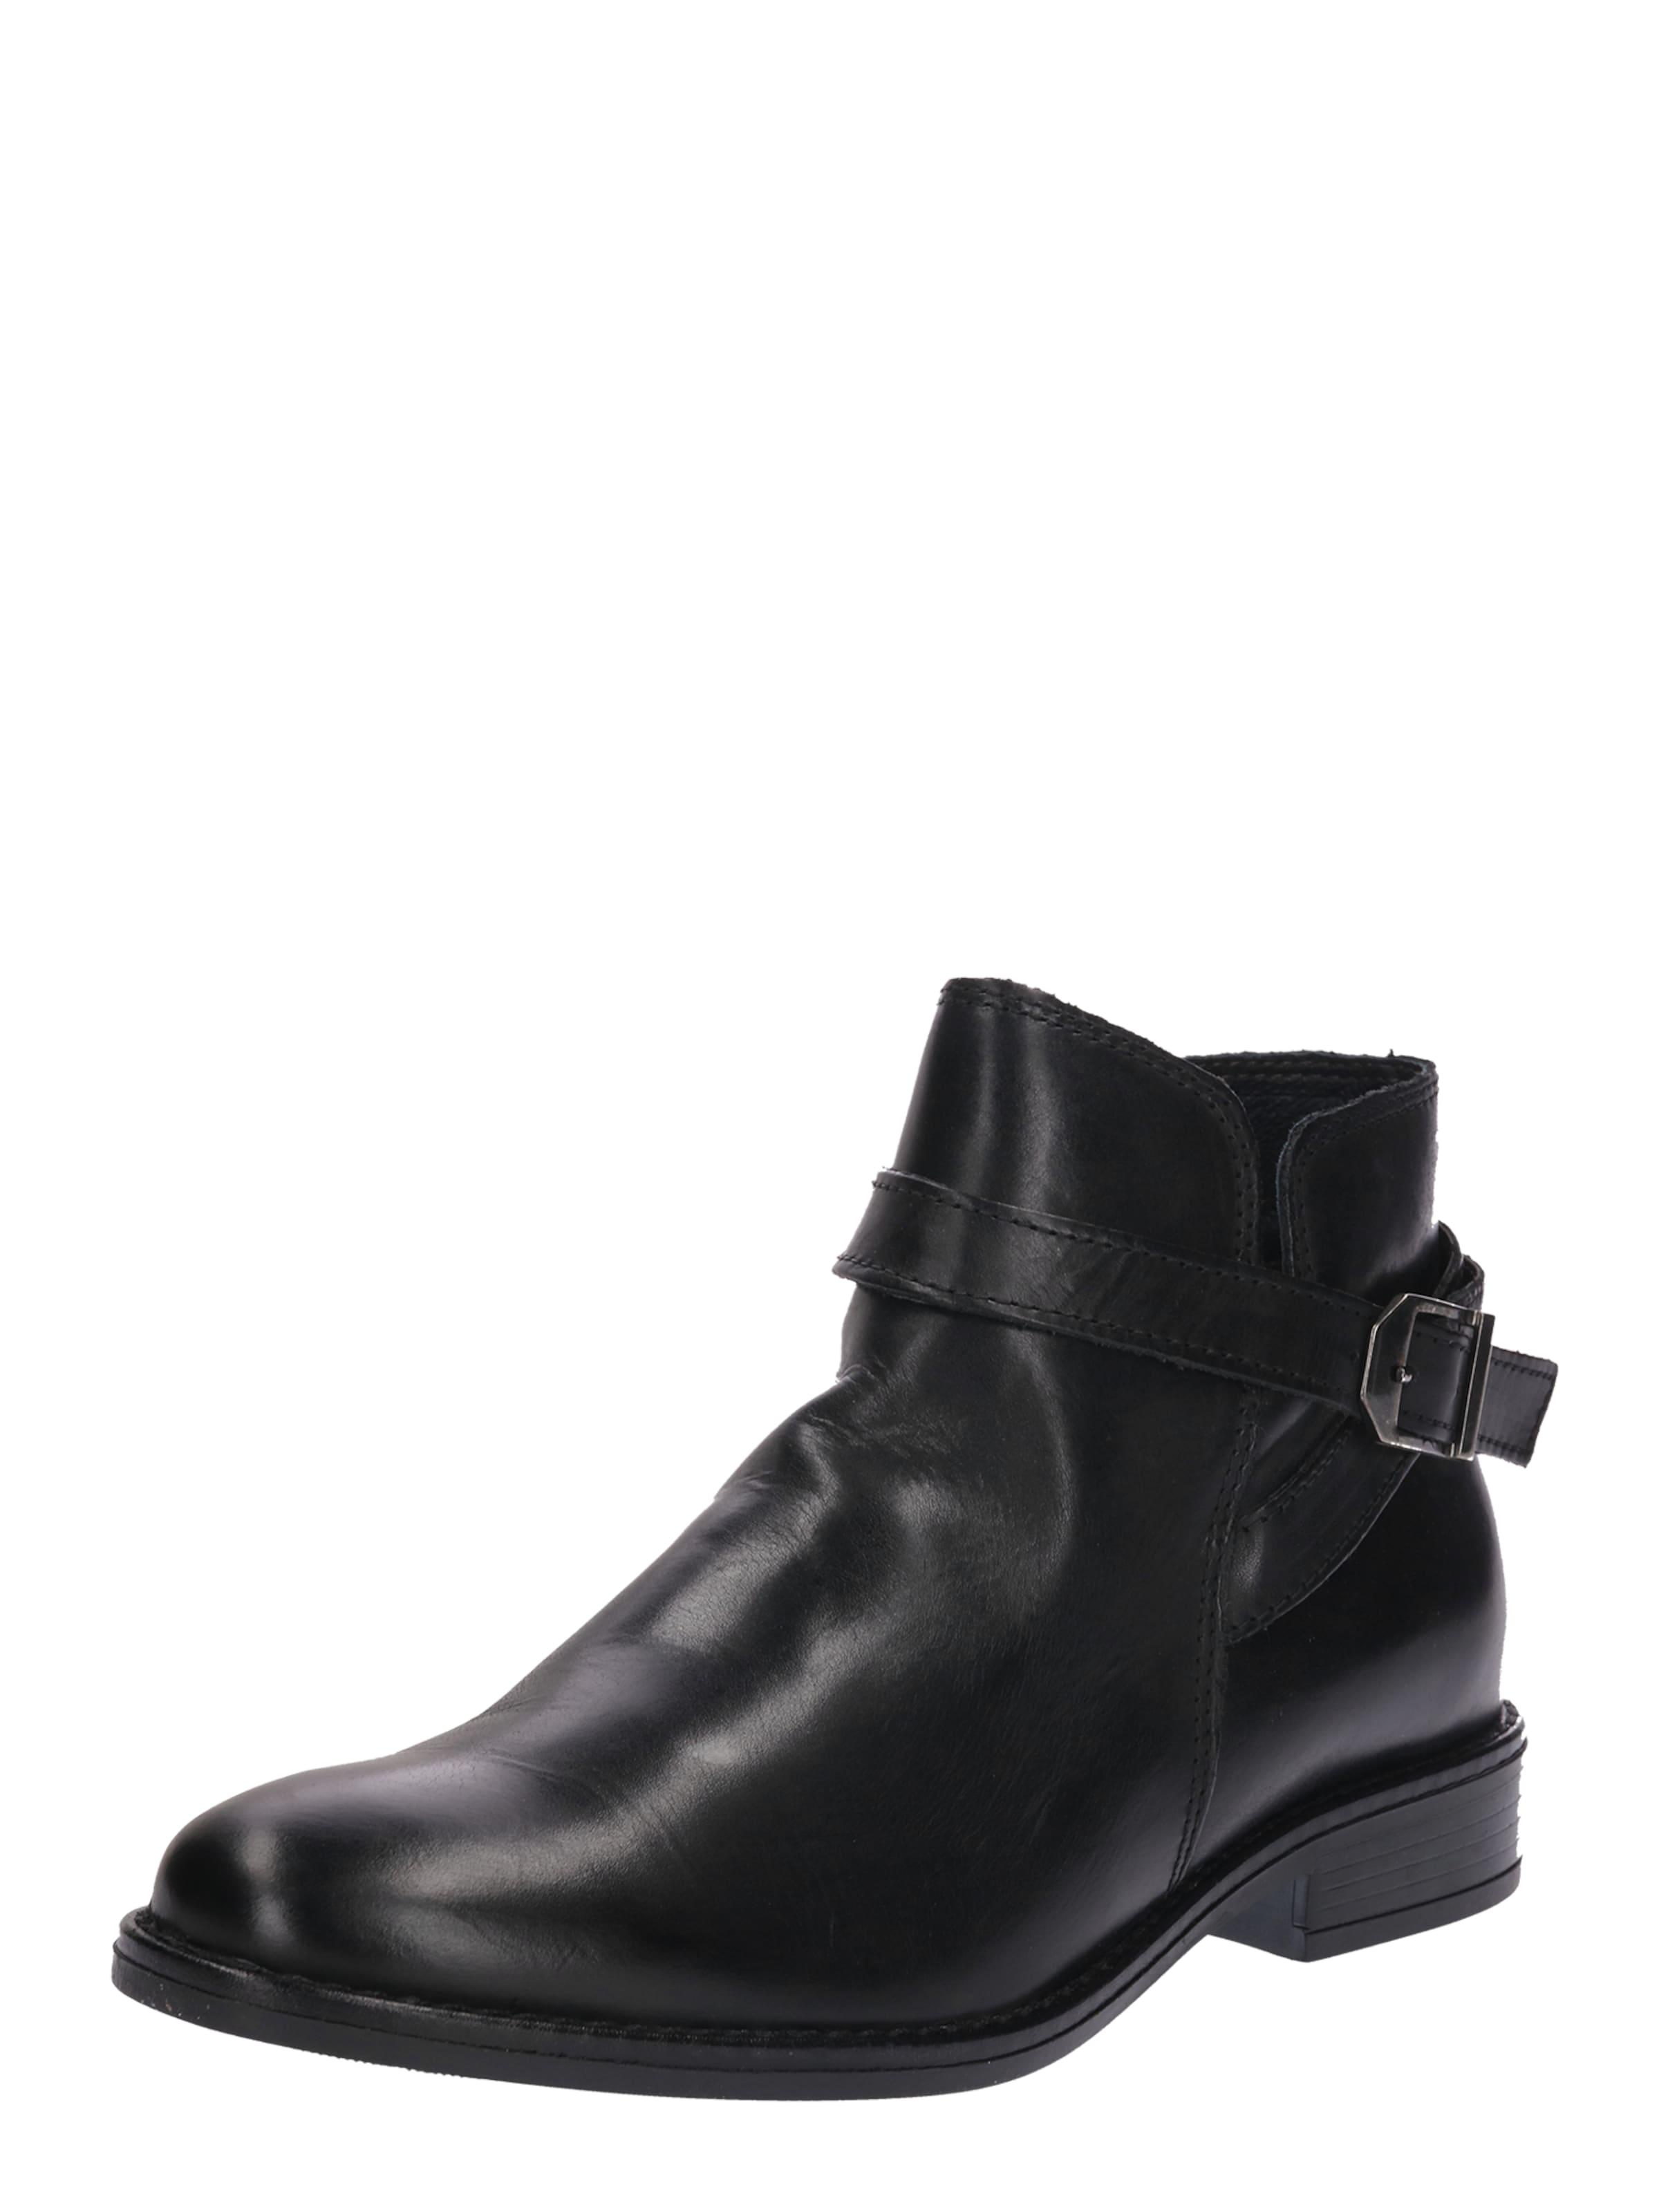 Pier One Stiefelette Verschleißfeste billige Schuhe